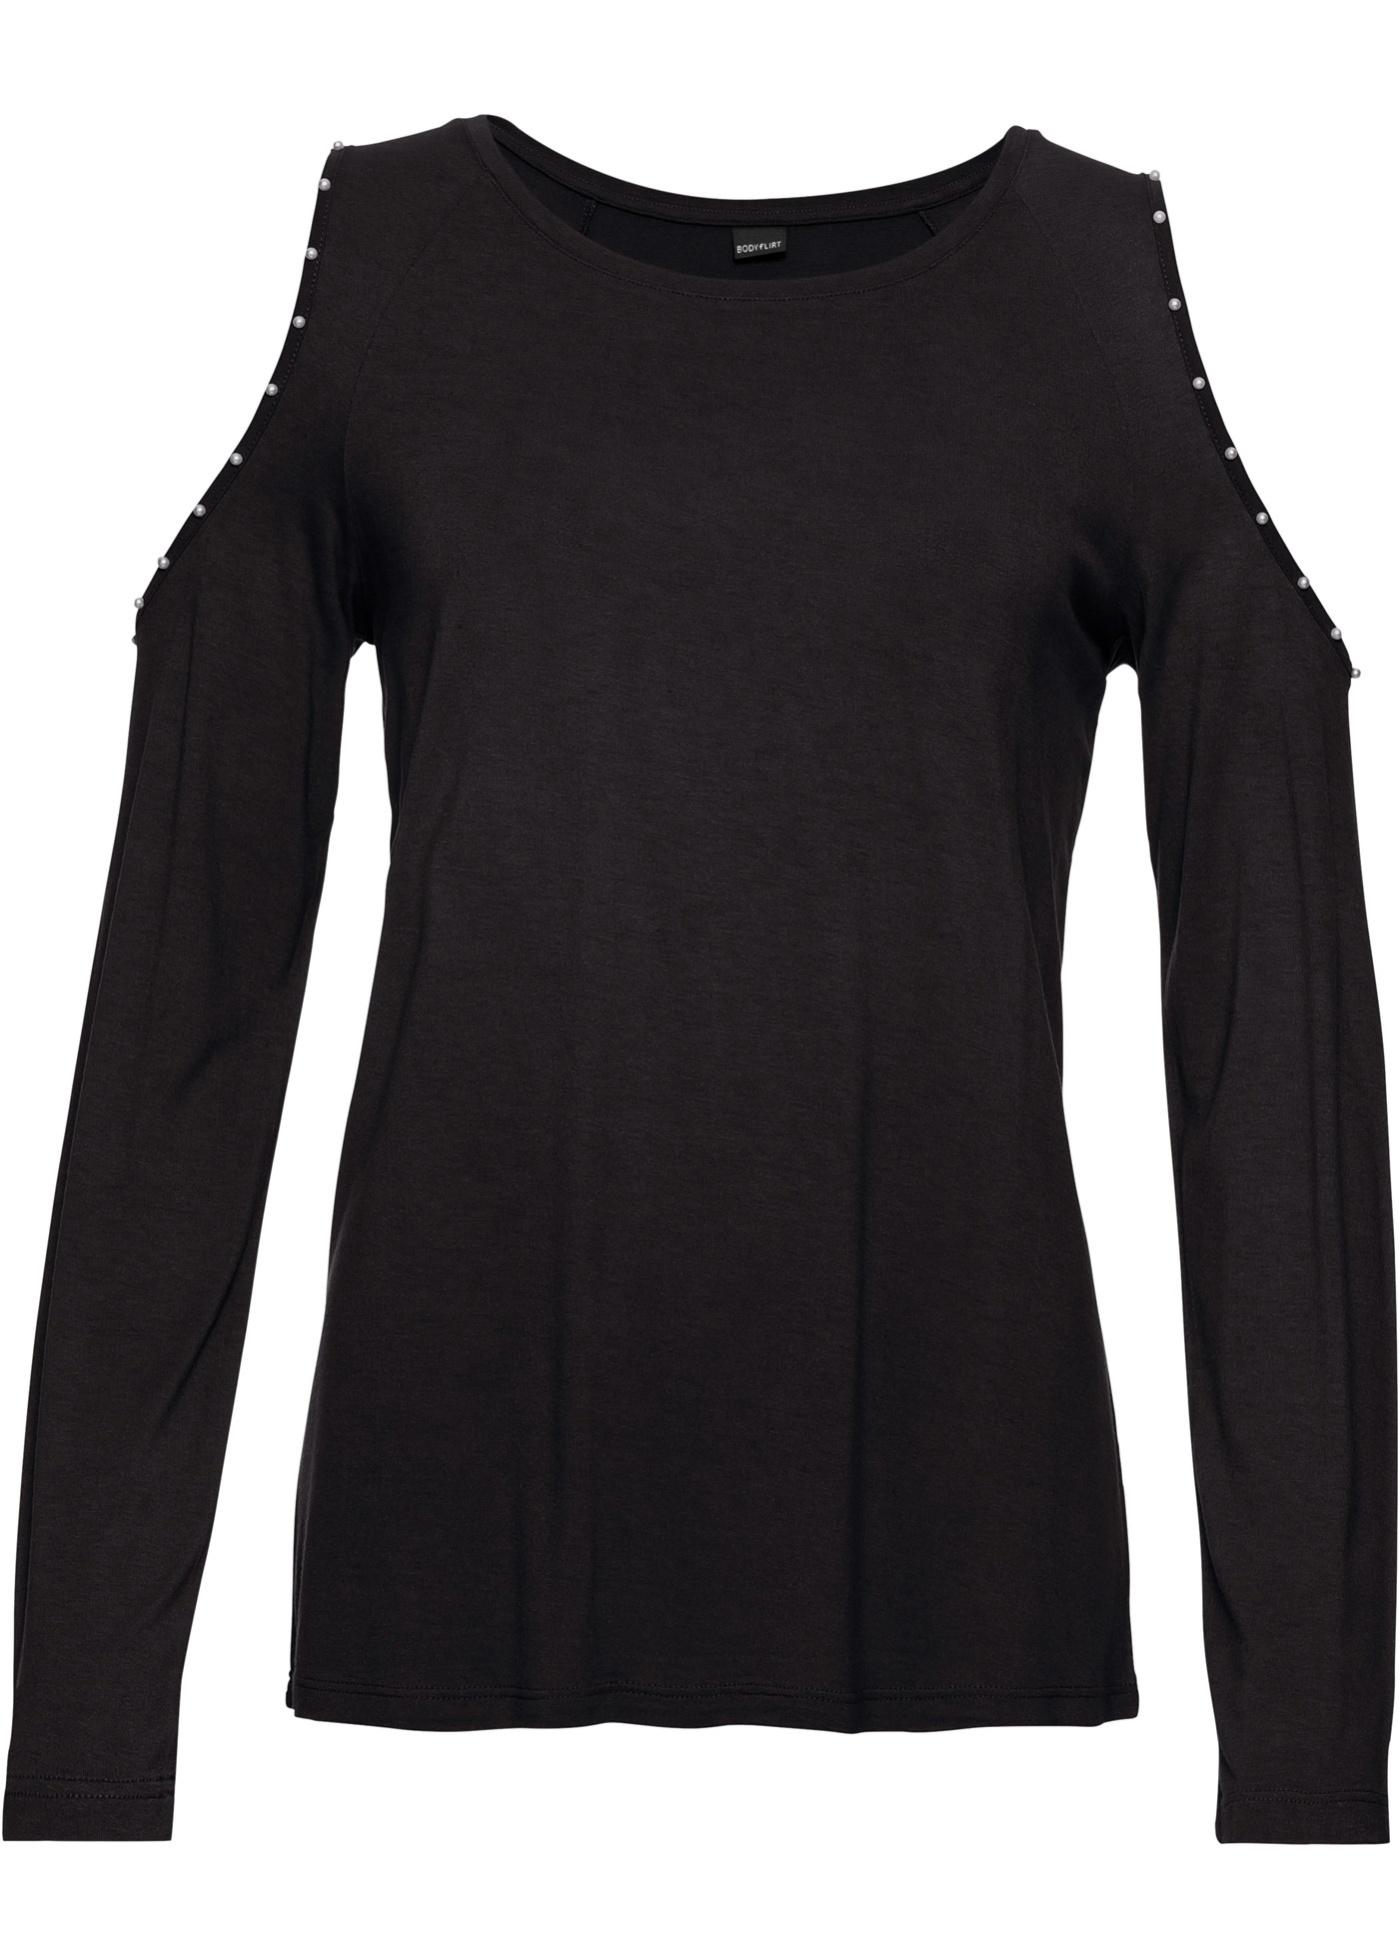 Manches shirt Femme Pour BonprixT Noir Bodyflirt Longues T5lKc13FJu